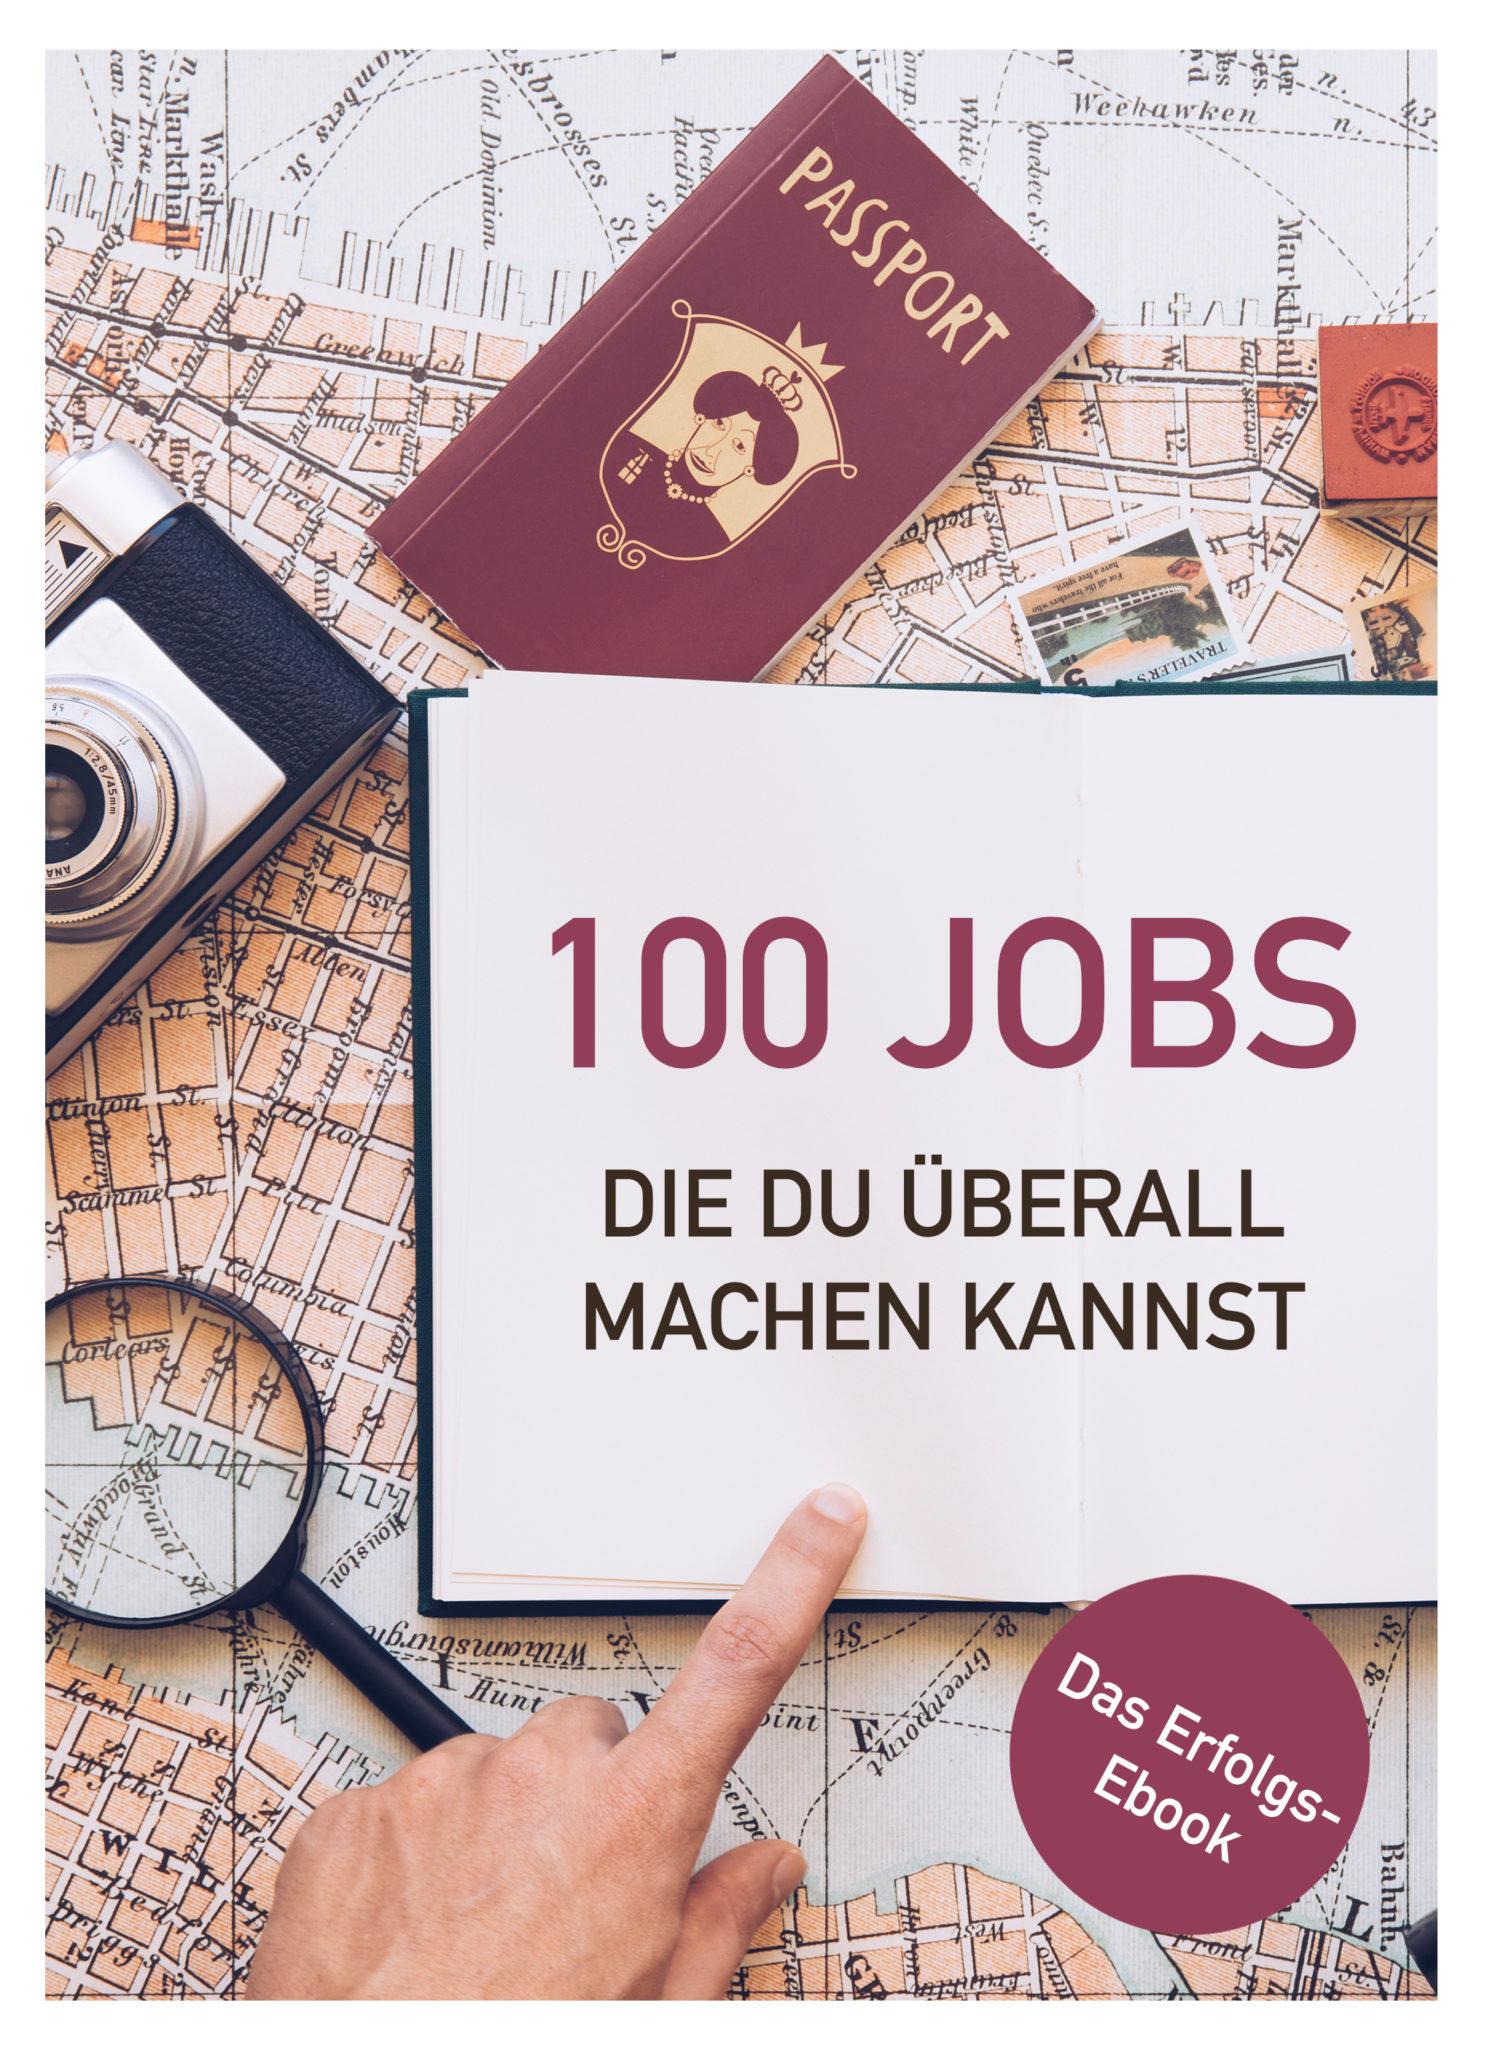 100 Jobs: Ortsunabhängig arbeiten